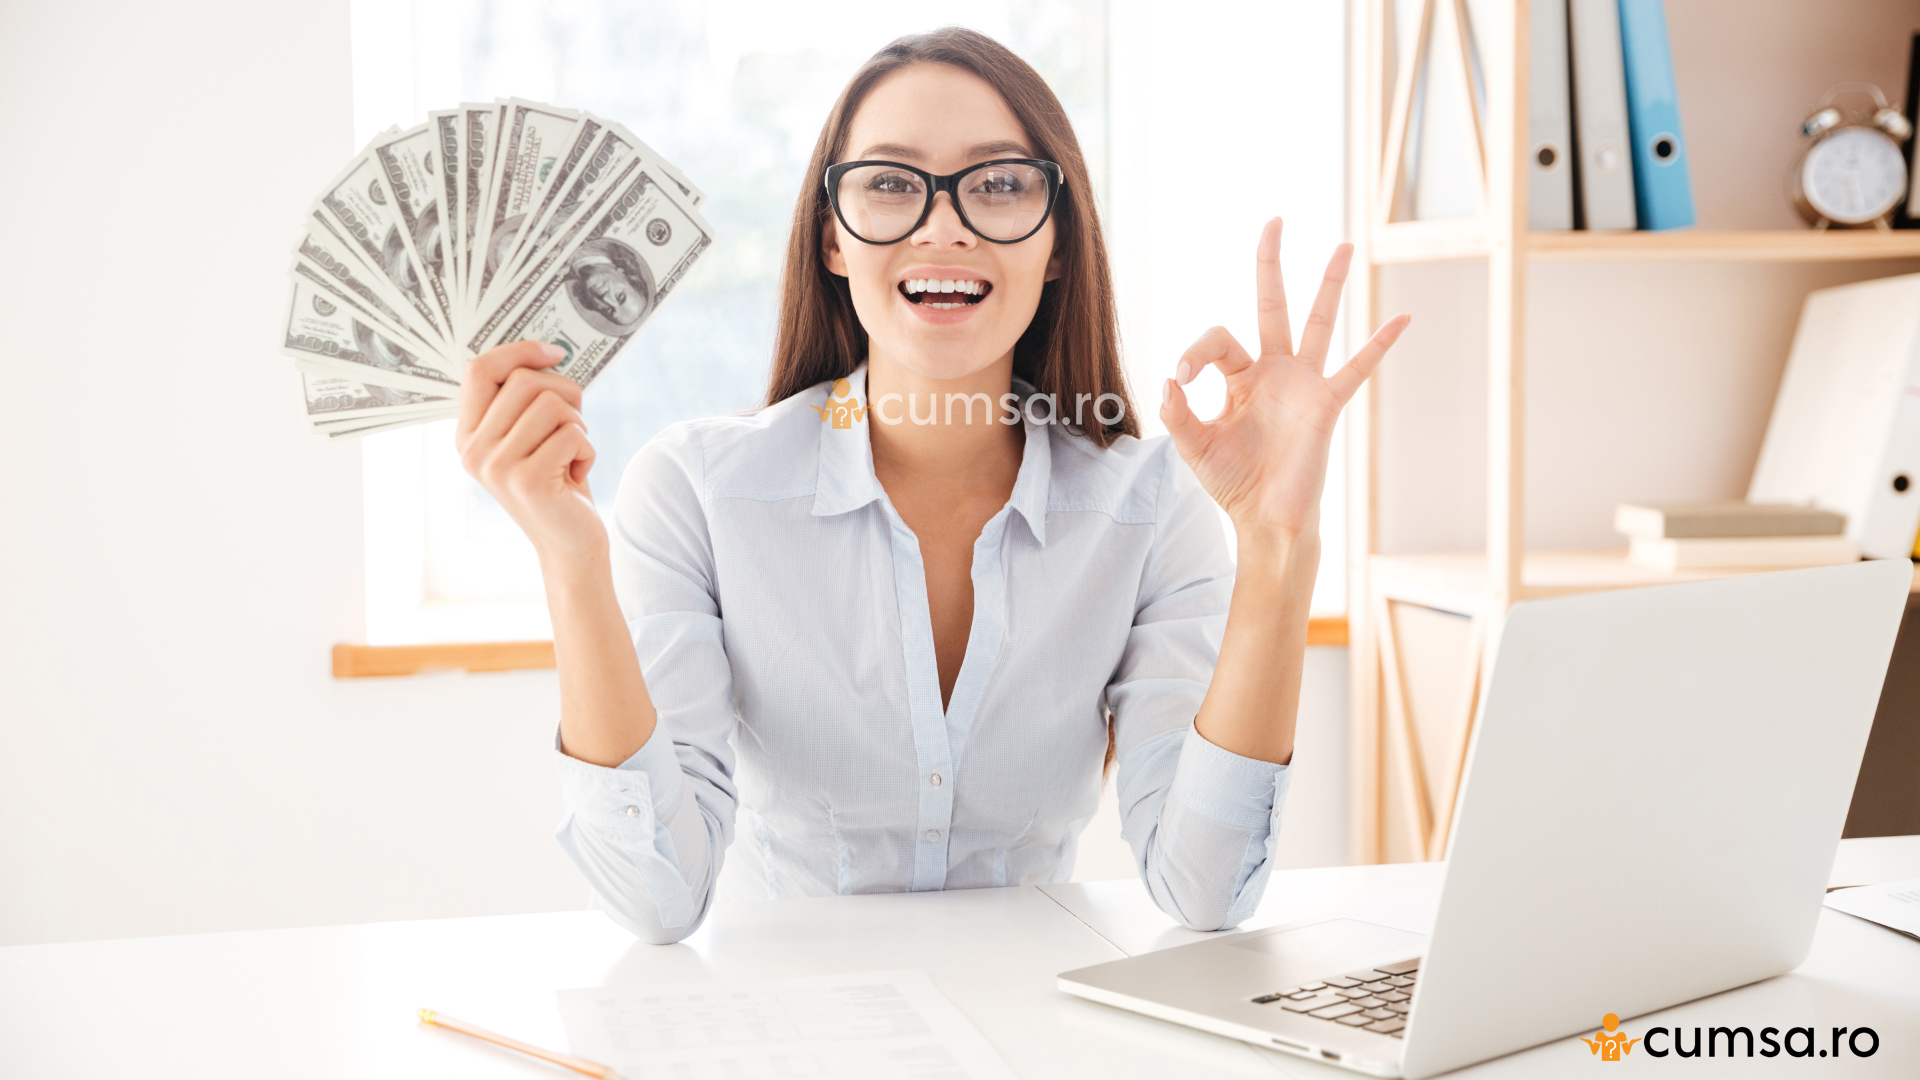 cum să faci bani ce afacere să începi